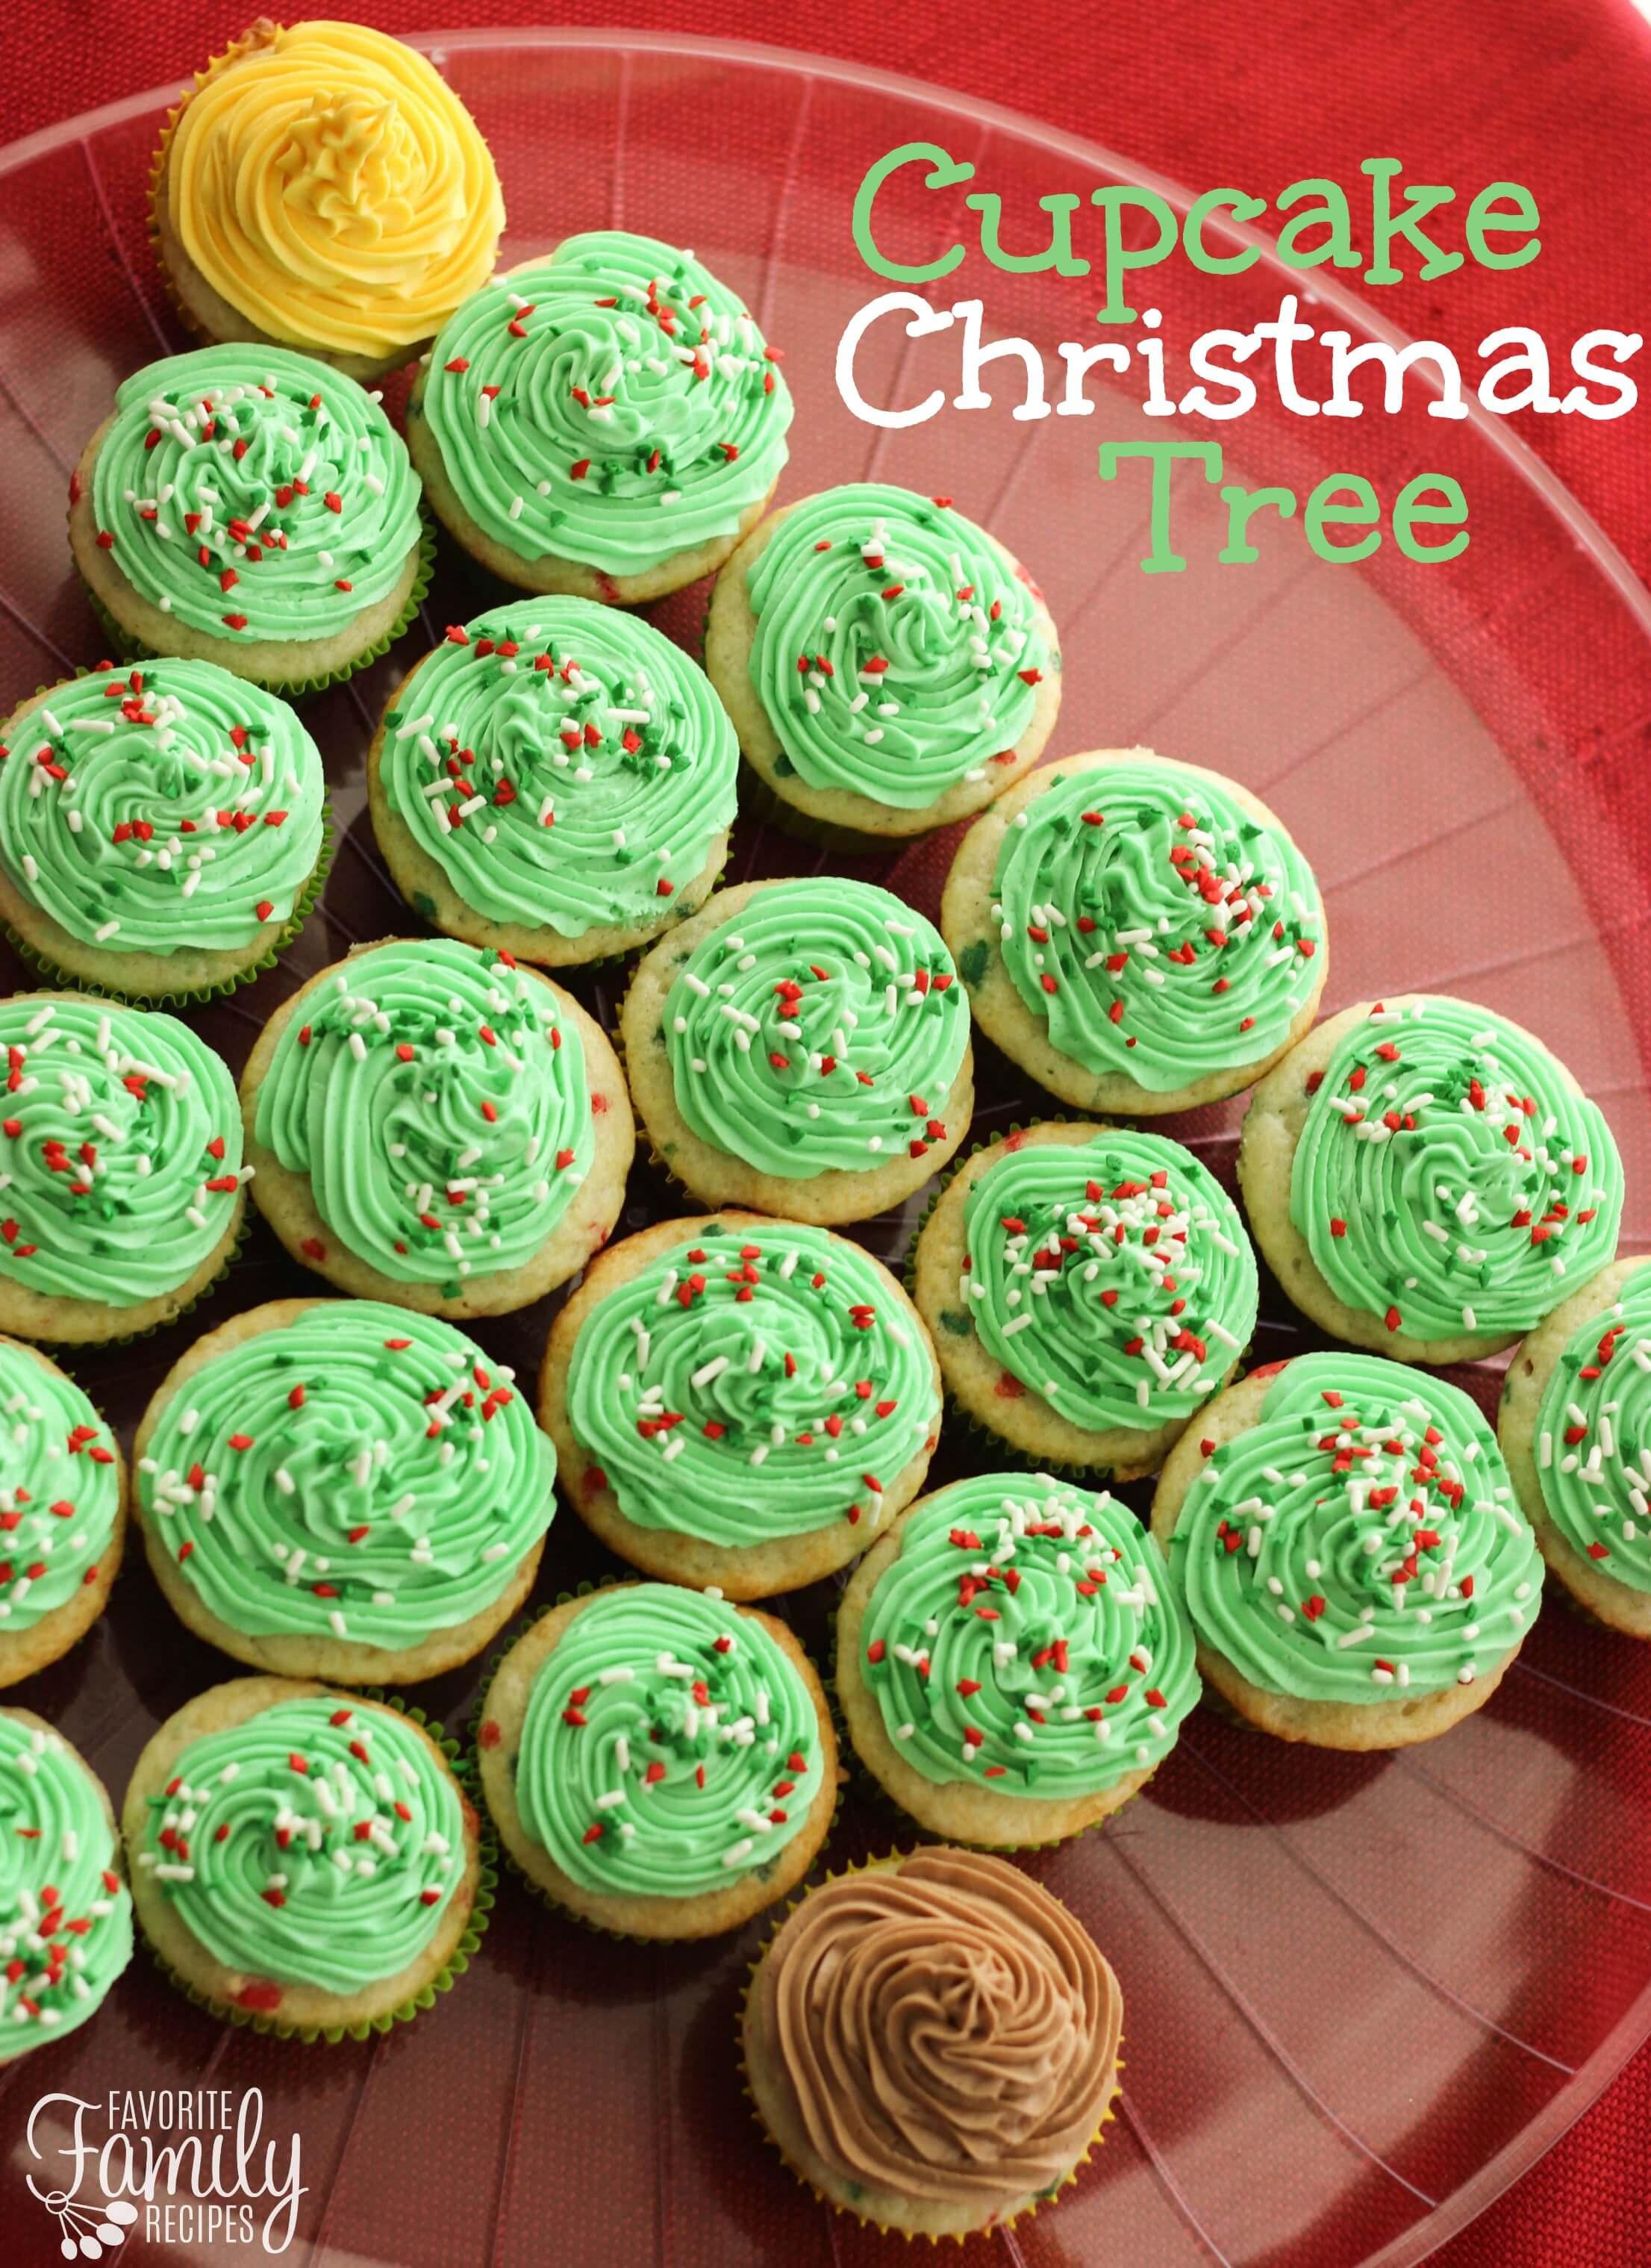 Cupcake Christmas Tree | Favorite Family Recipes